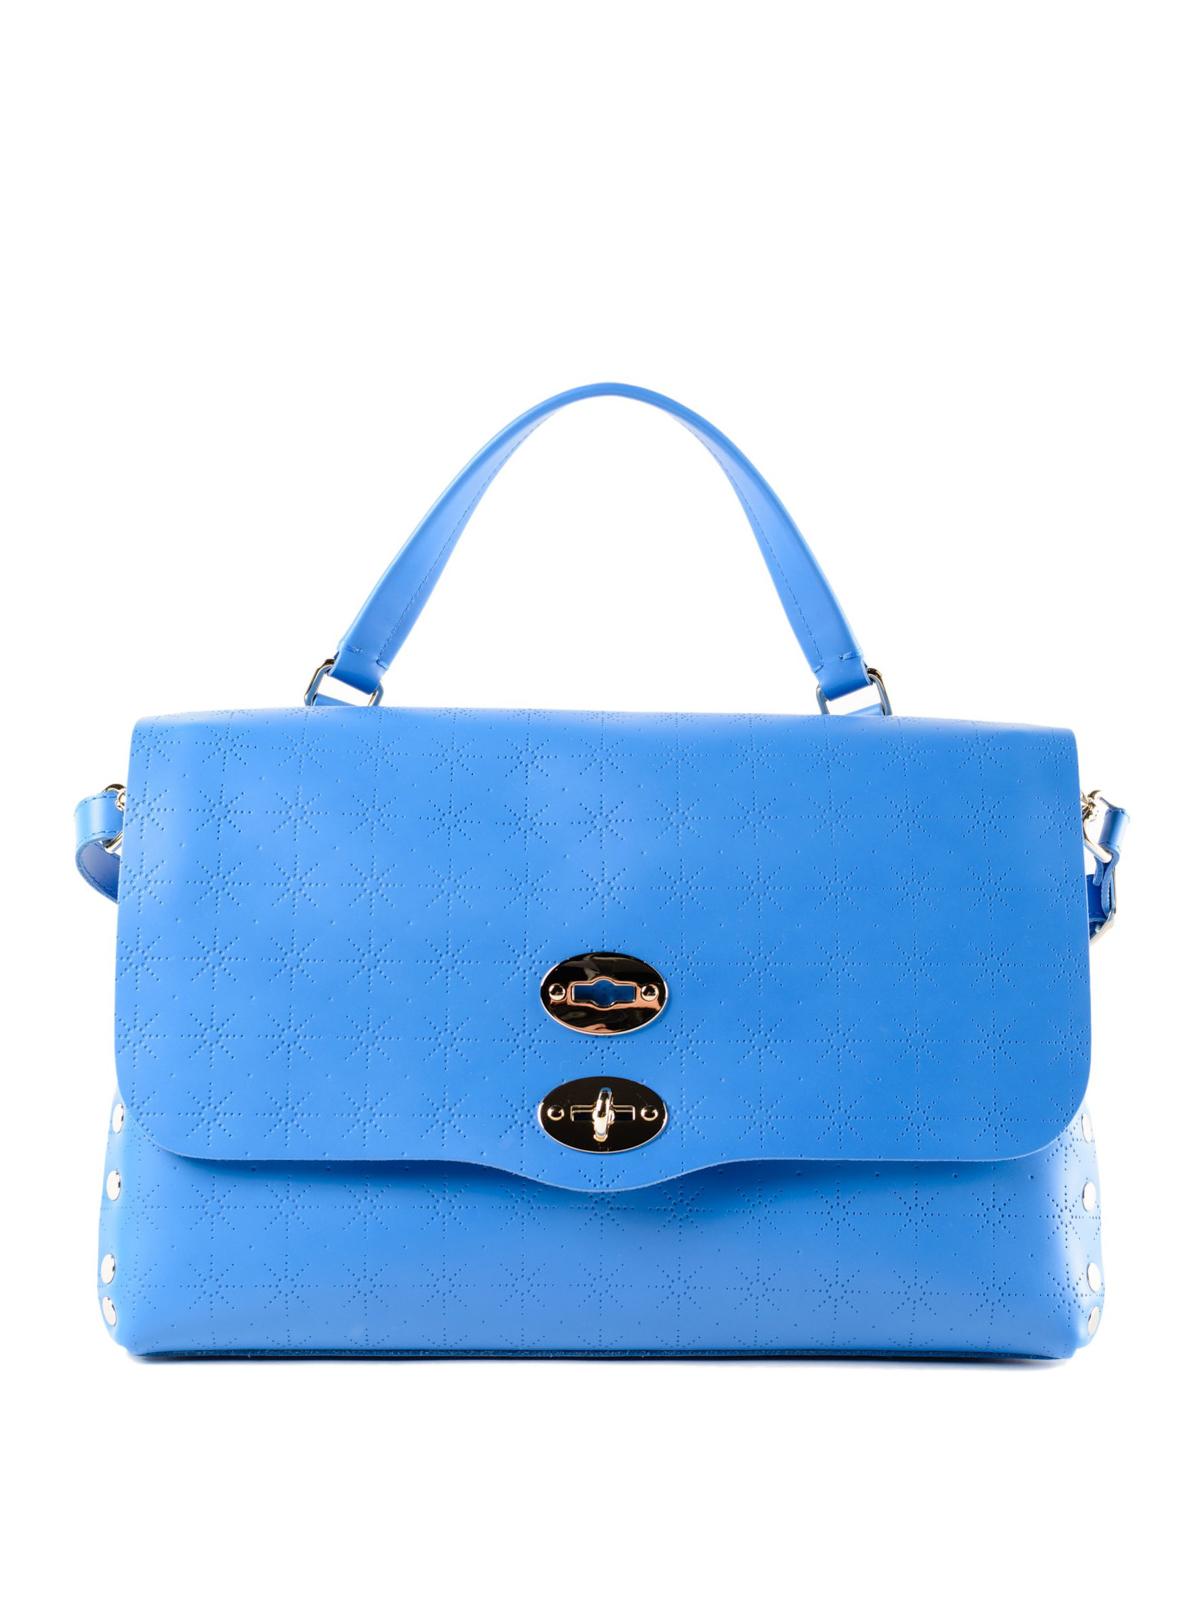 Zanellato Blue Astro Postina medium bag 2W3Zc1GJp1